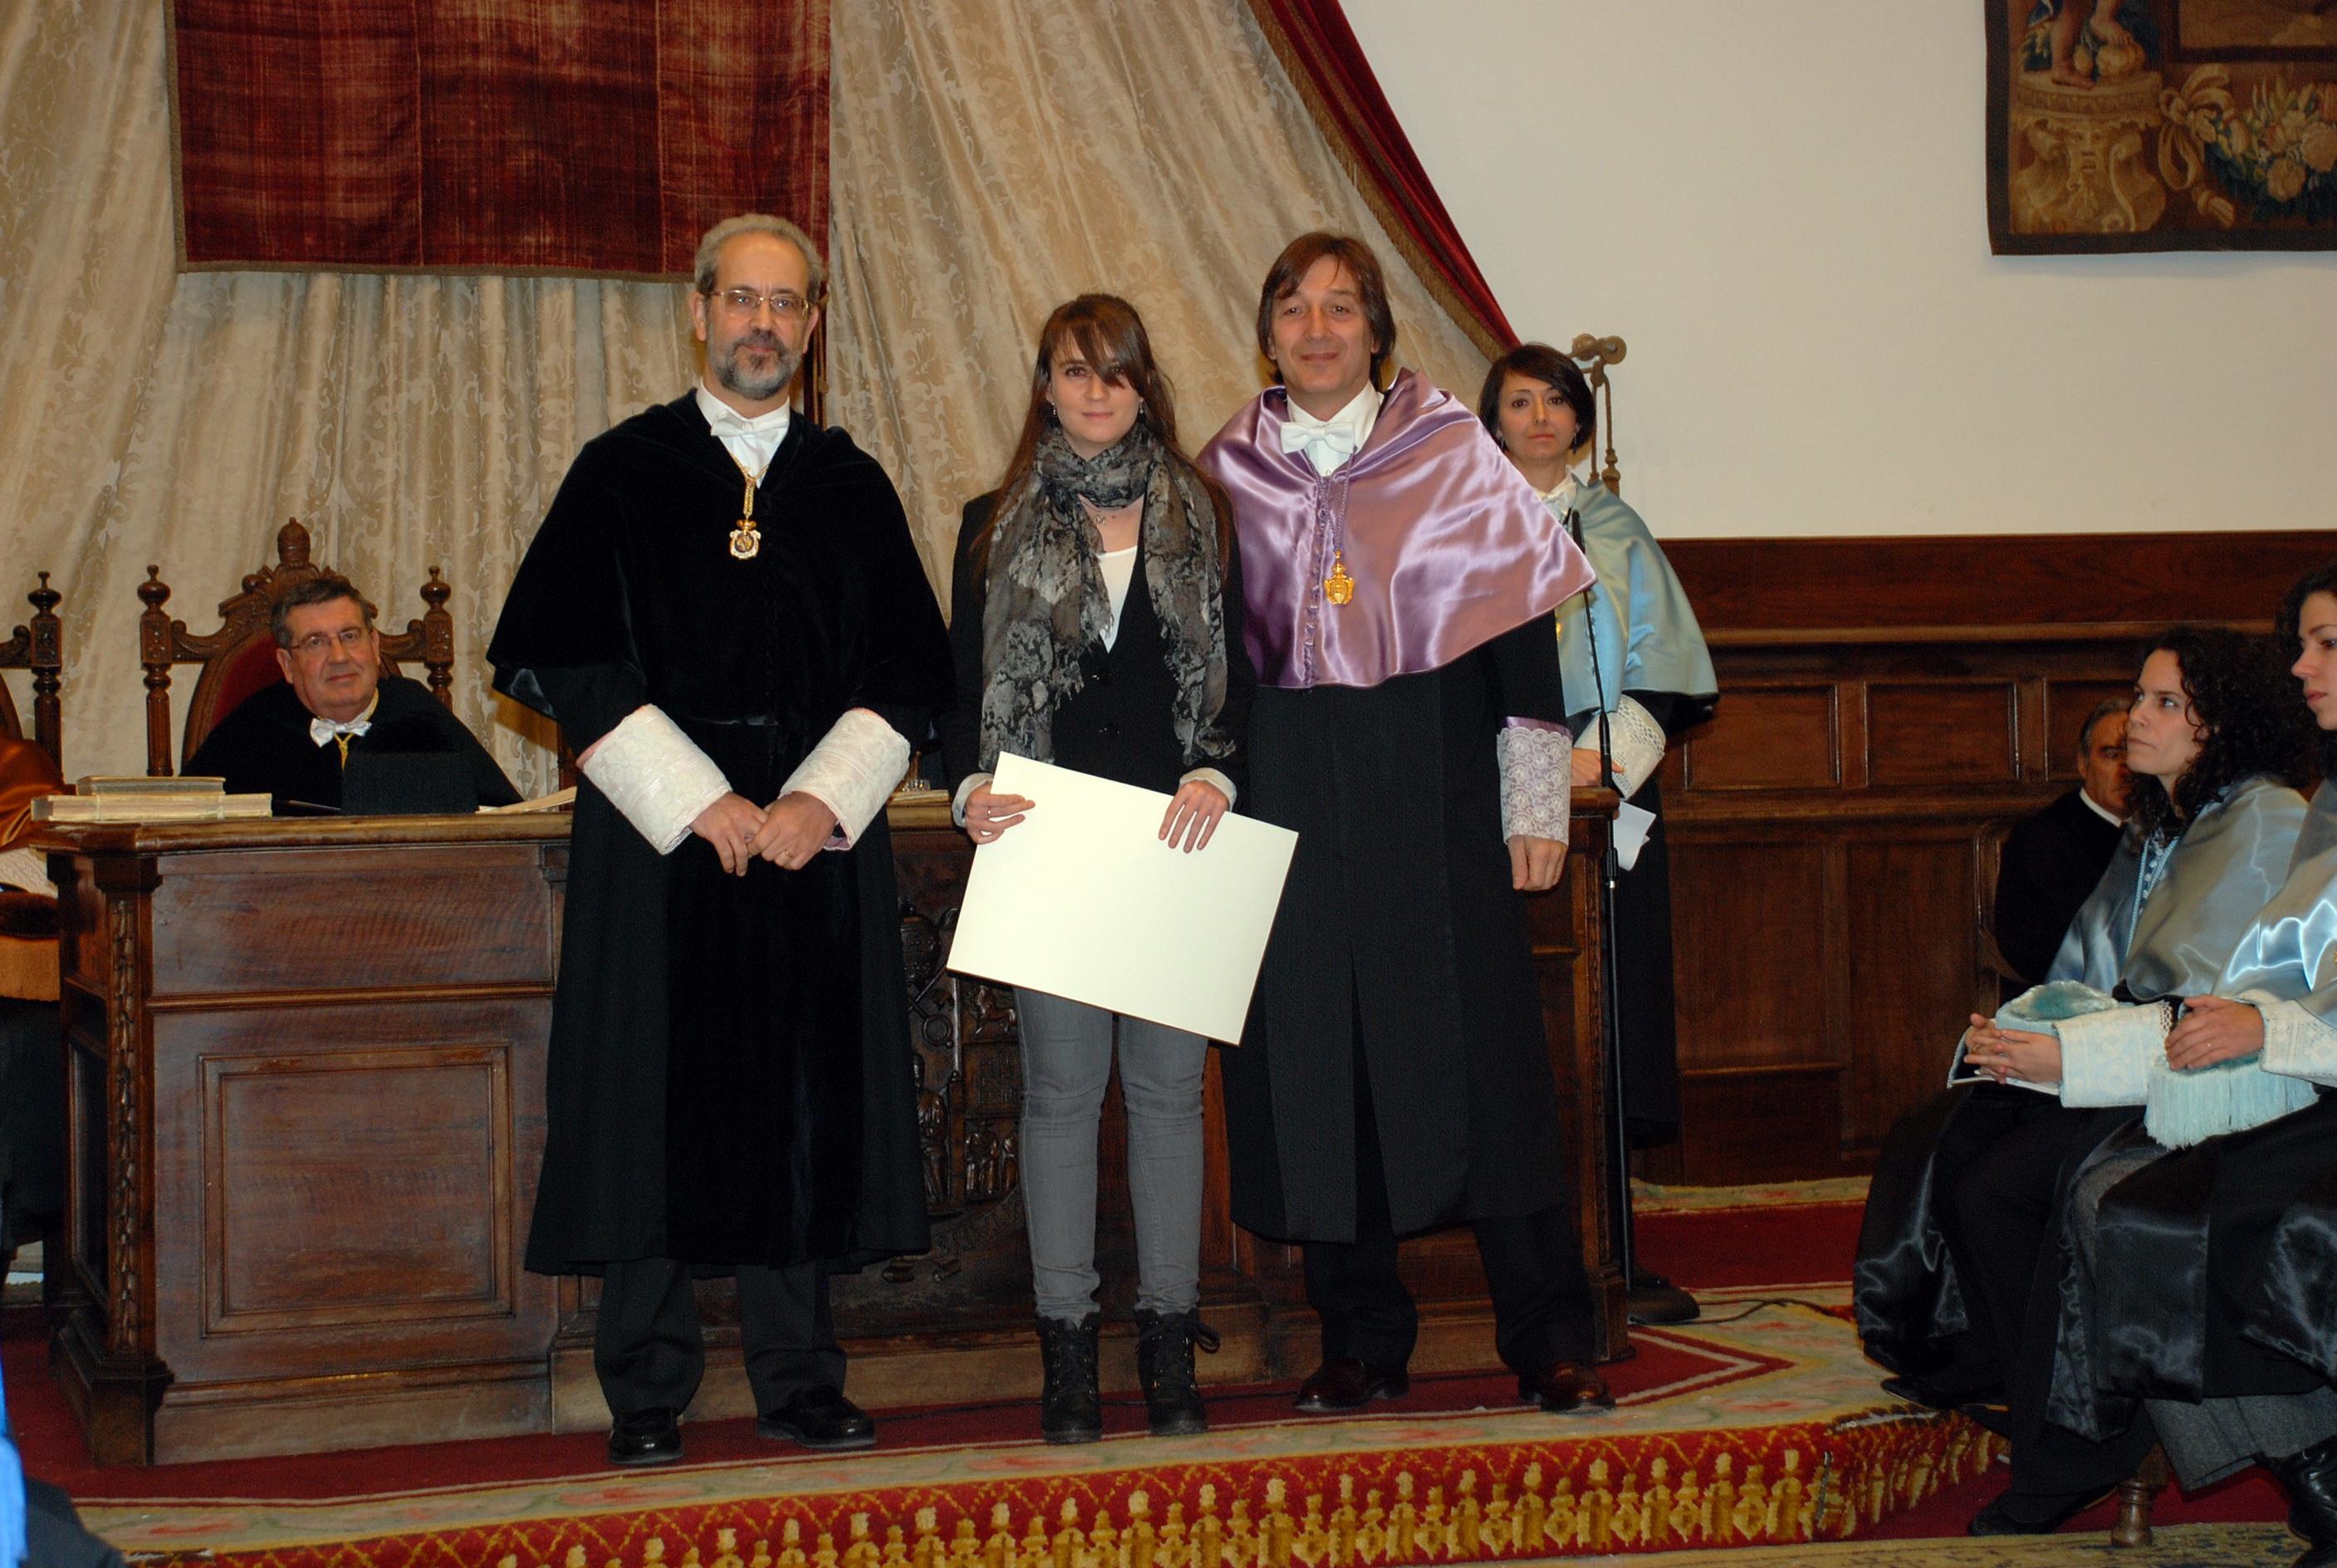 El vicerrector de Planificación Estratégica entrega el premio a la mejor sugerencia del período 2009/2011